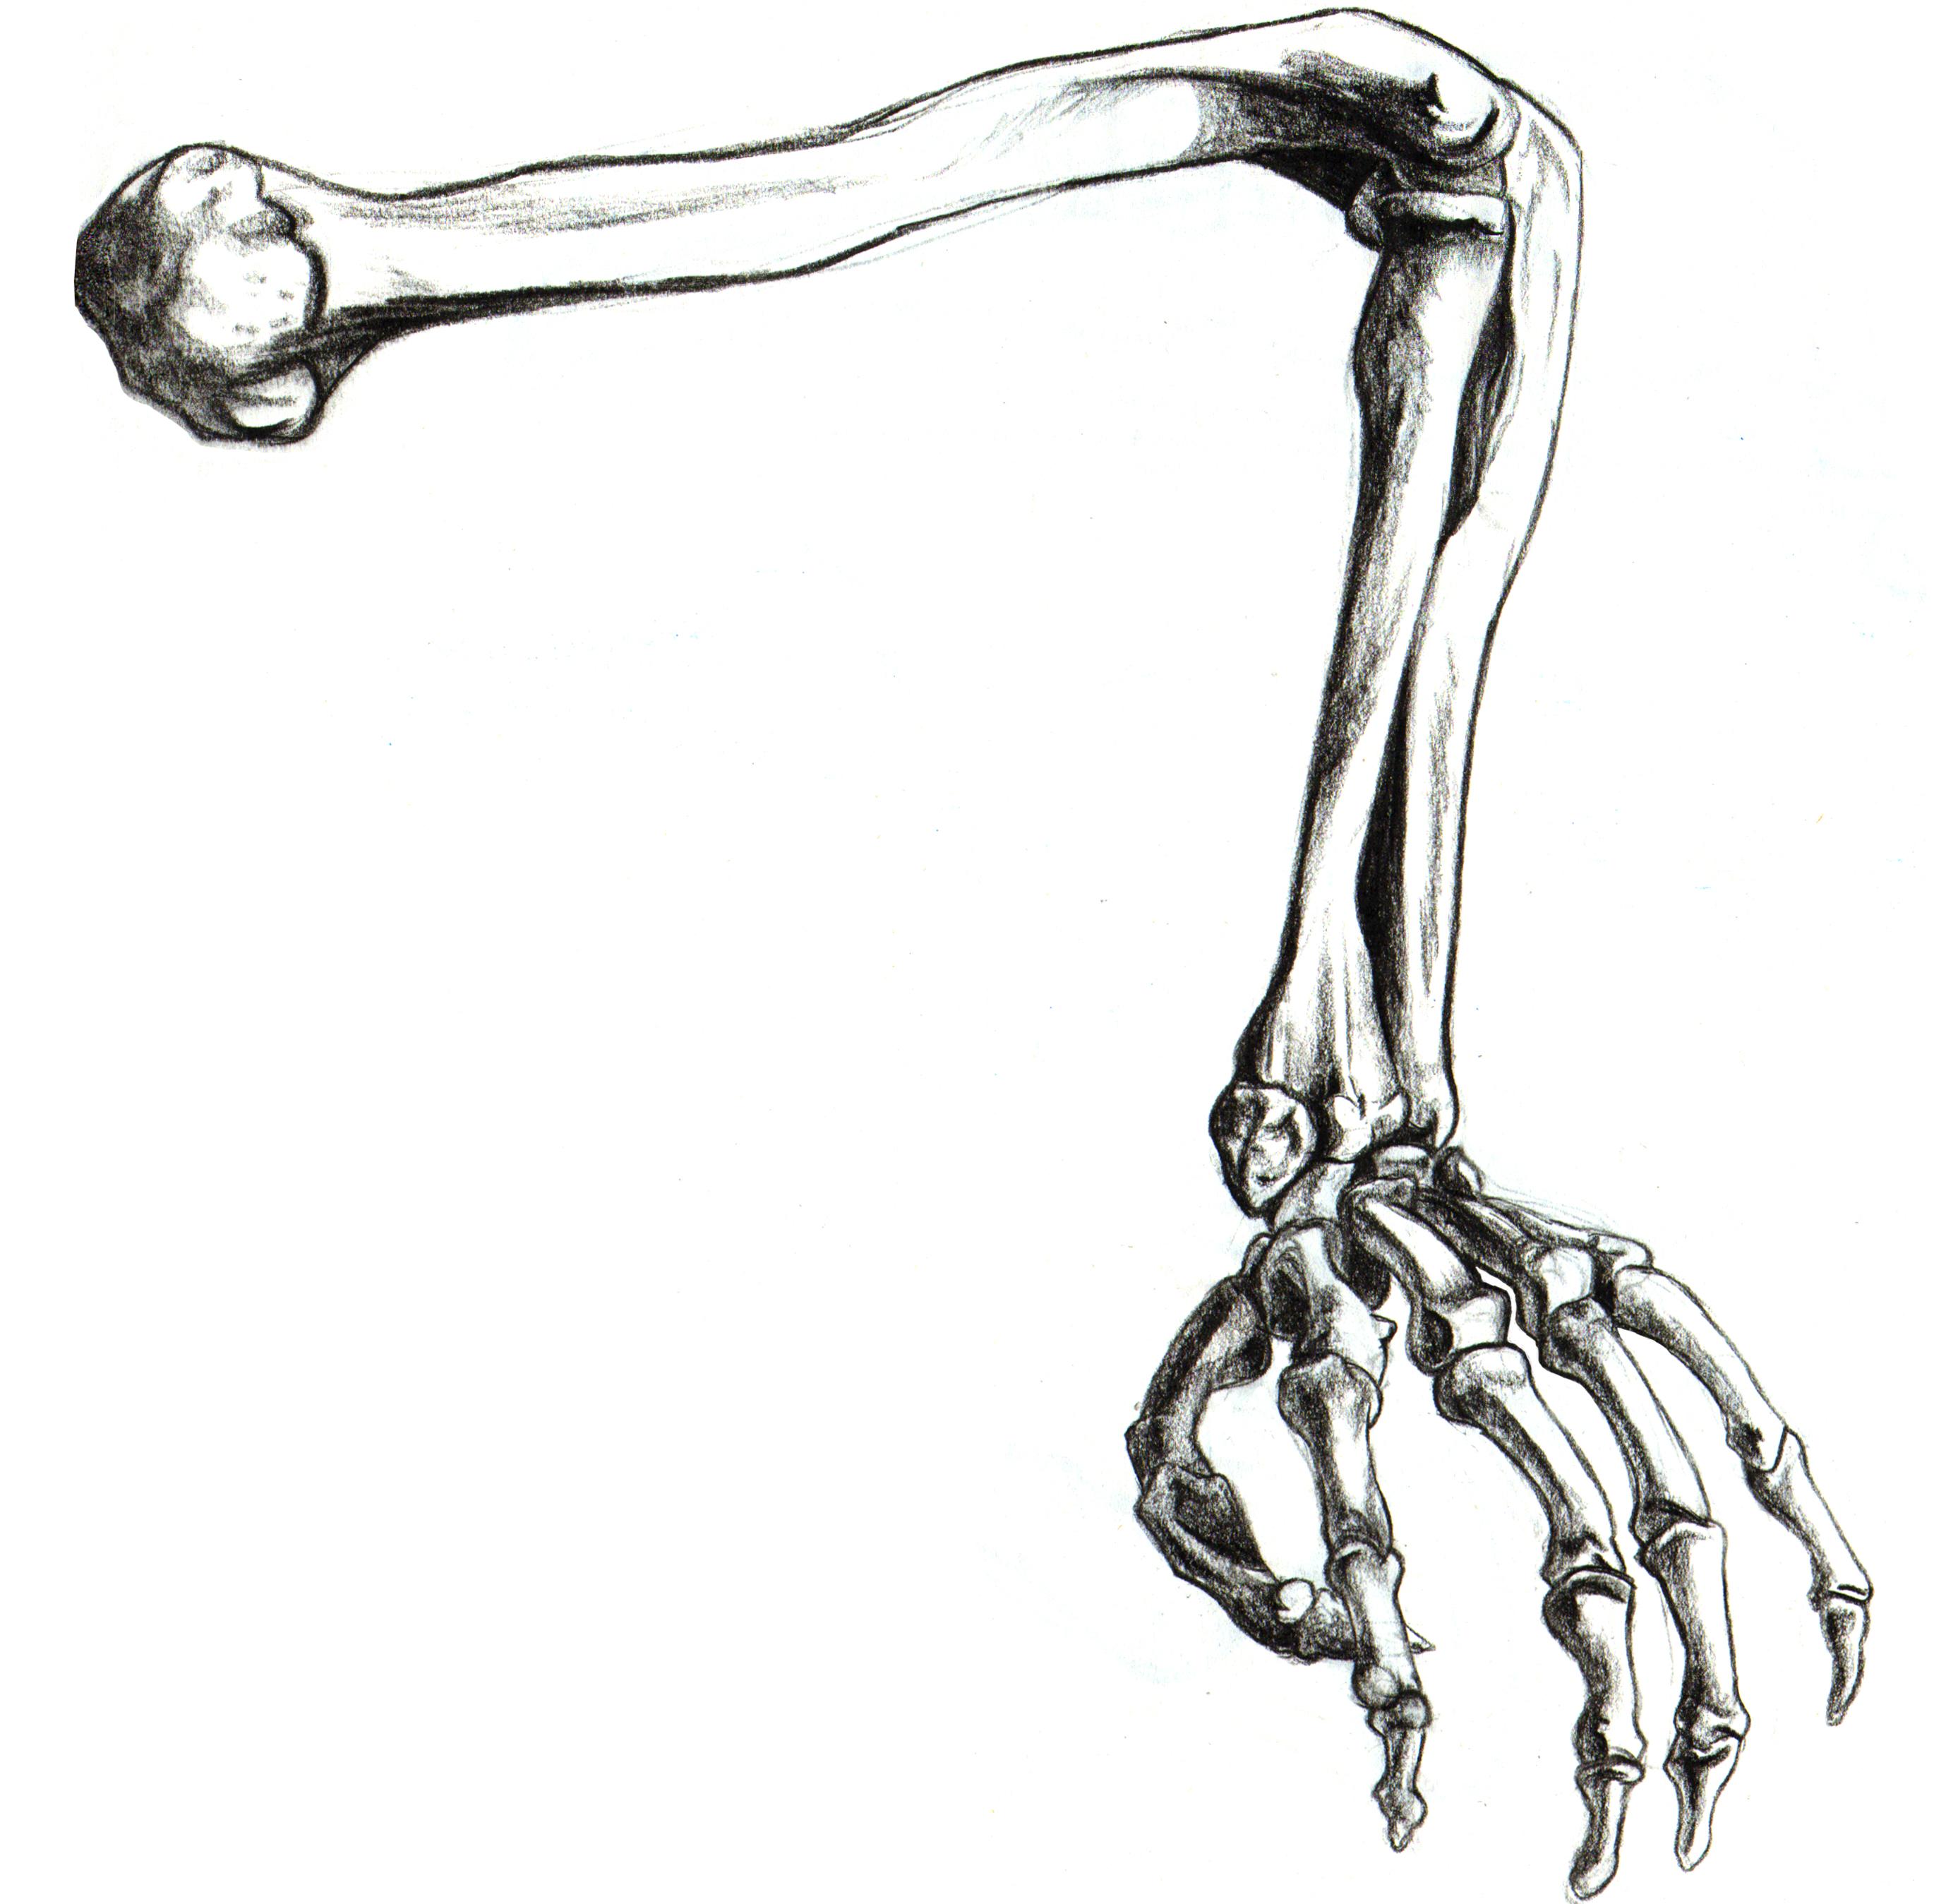 Drawn sleleton arm On Skeleton Art Arm Clip